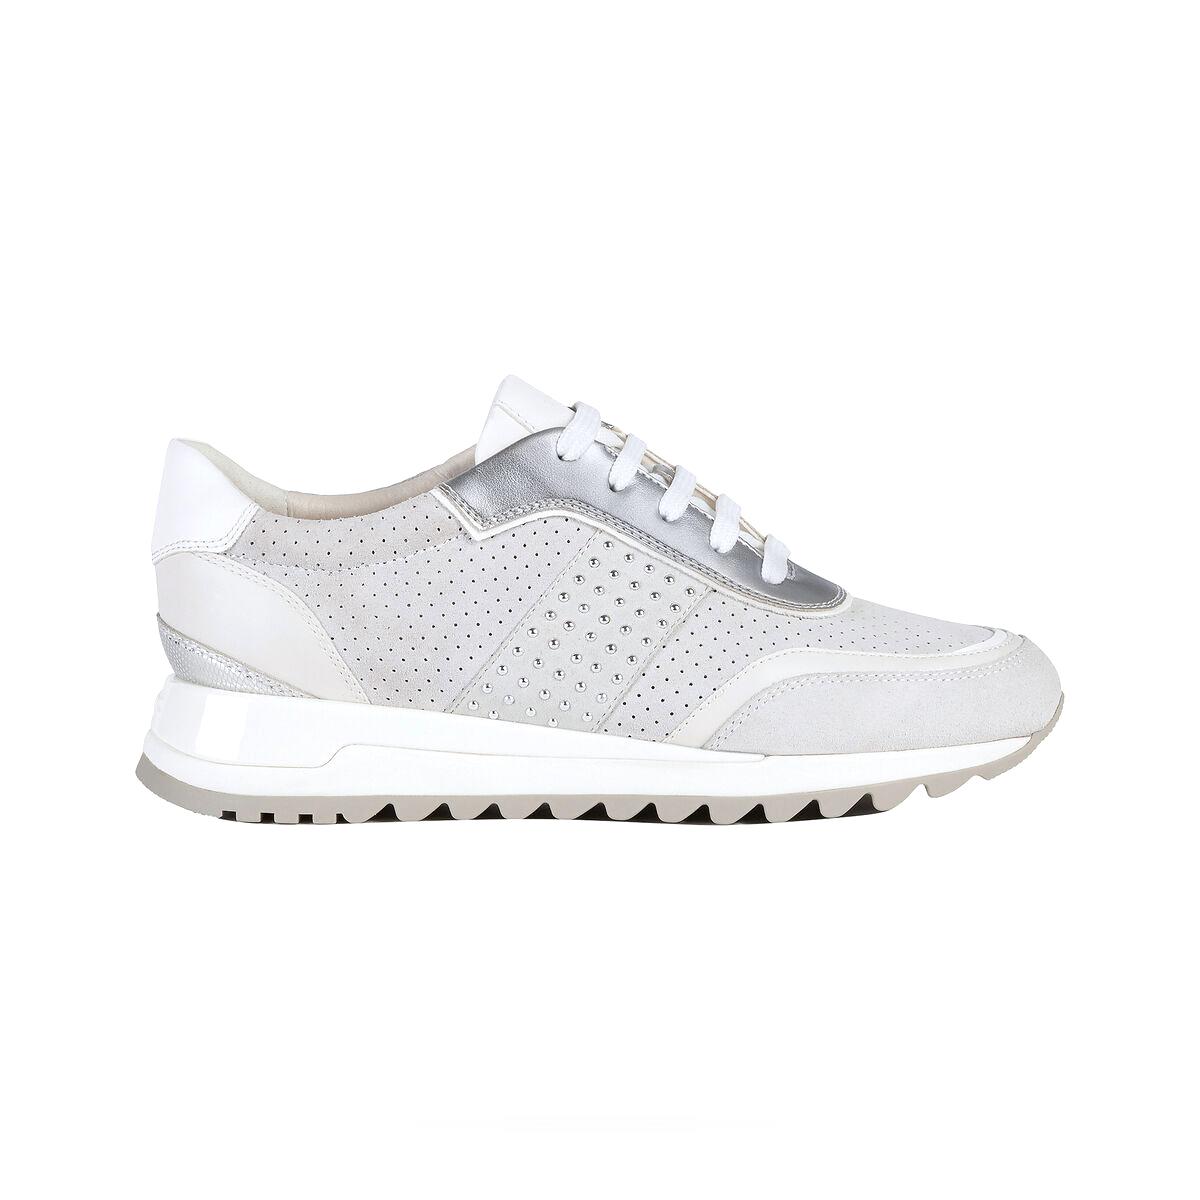 Zapatillas de piel de mujer TABELYA Geox de color crema con